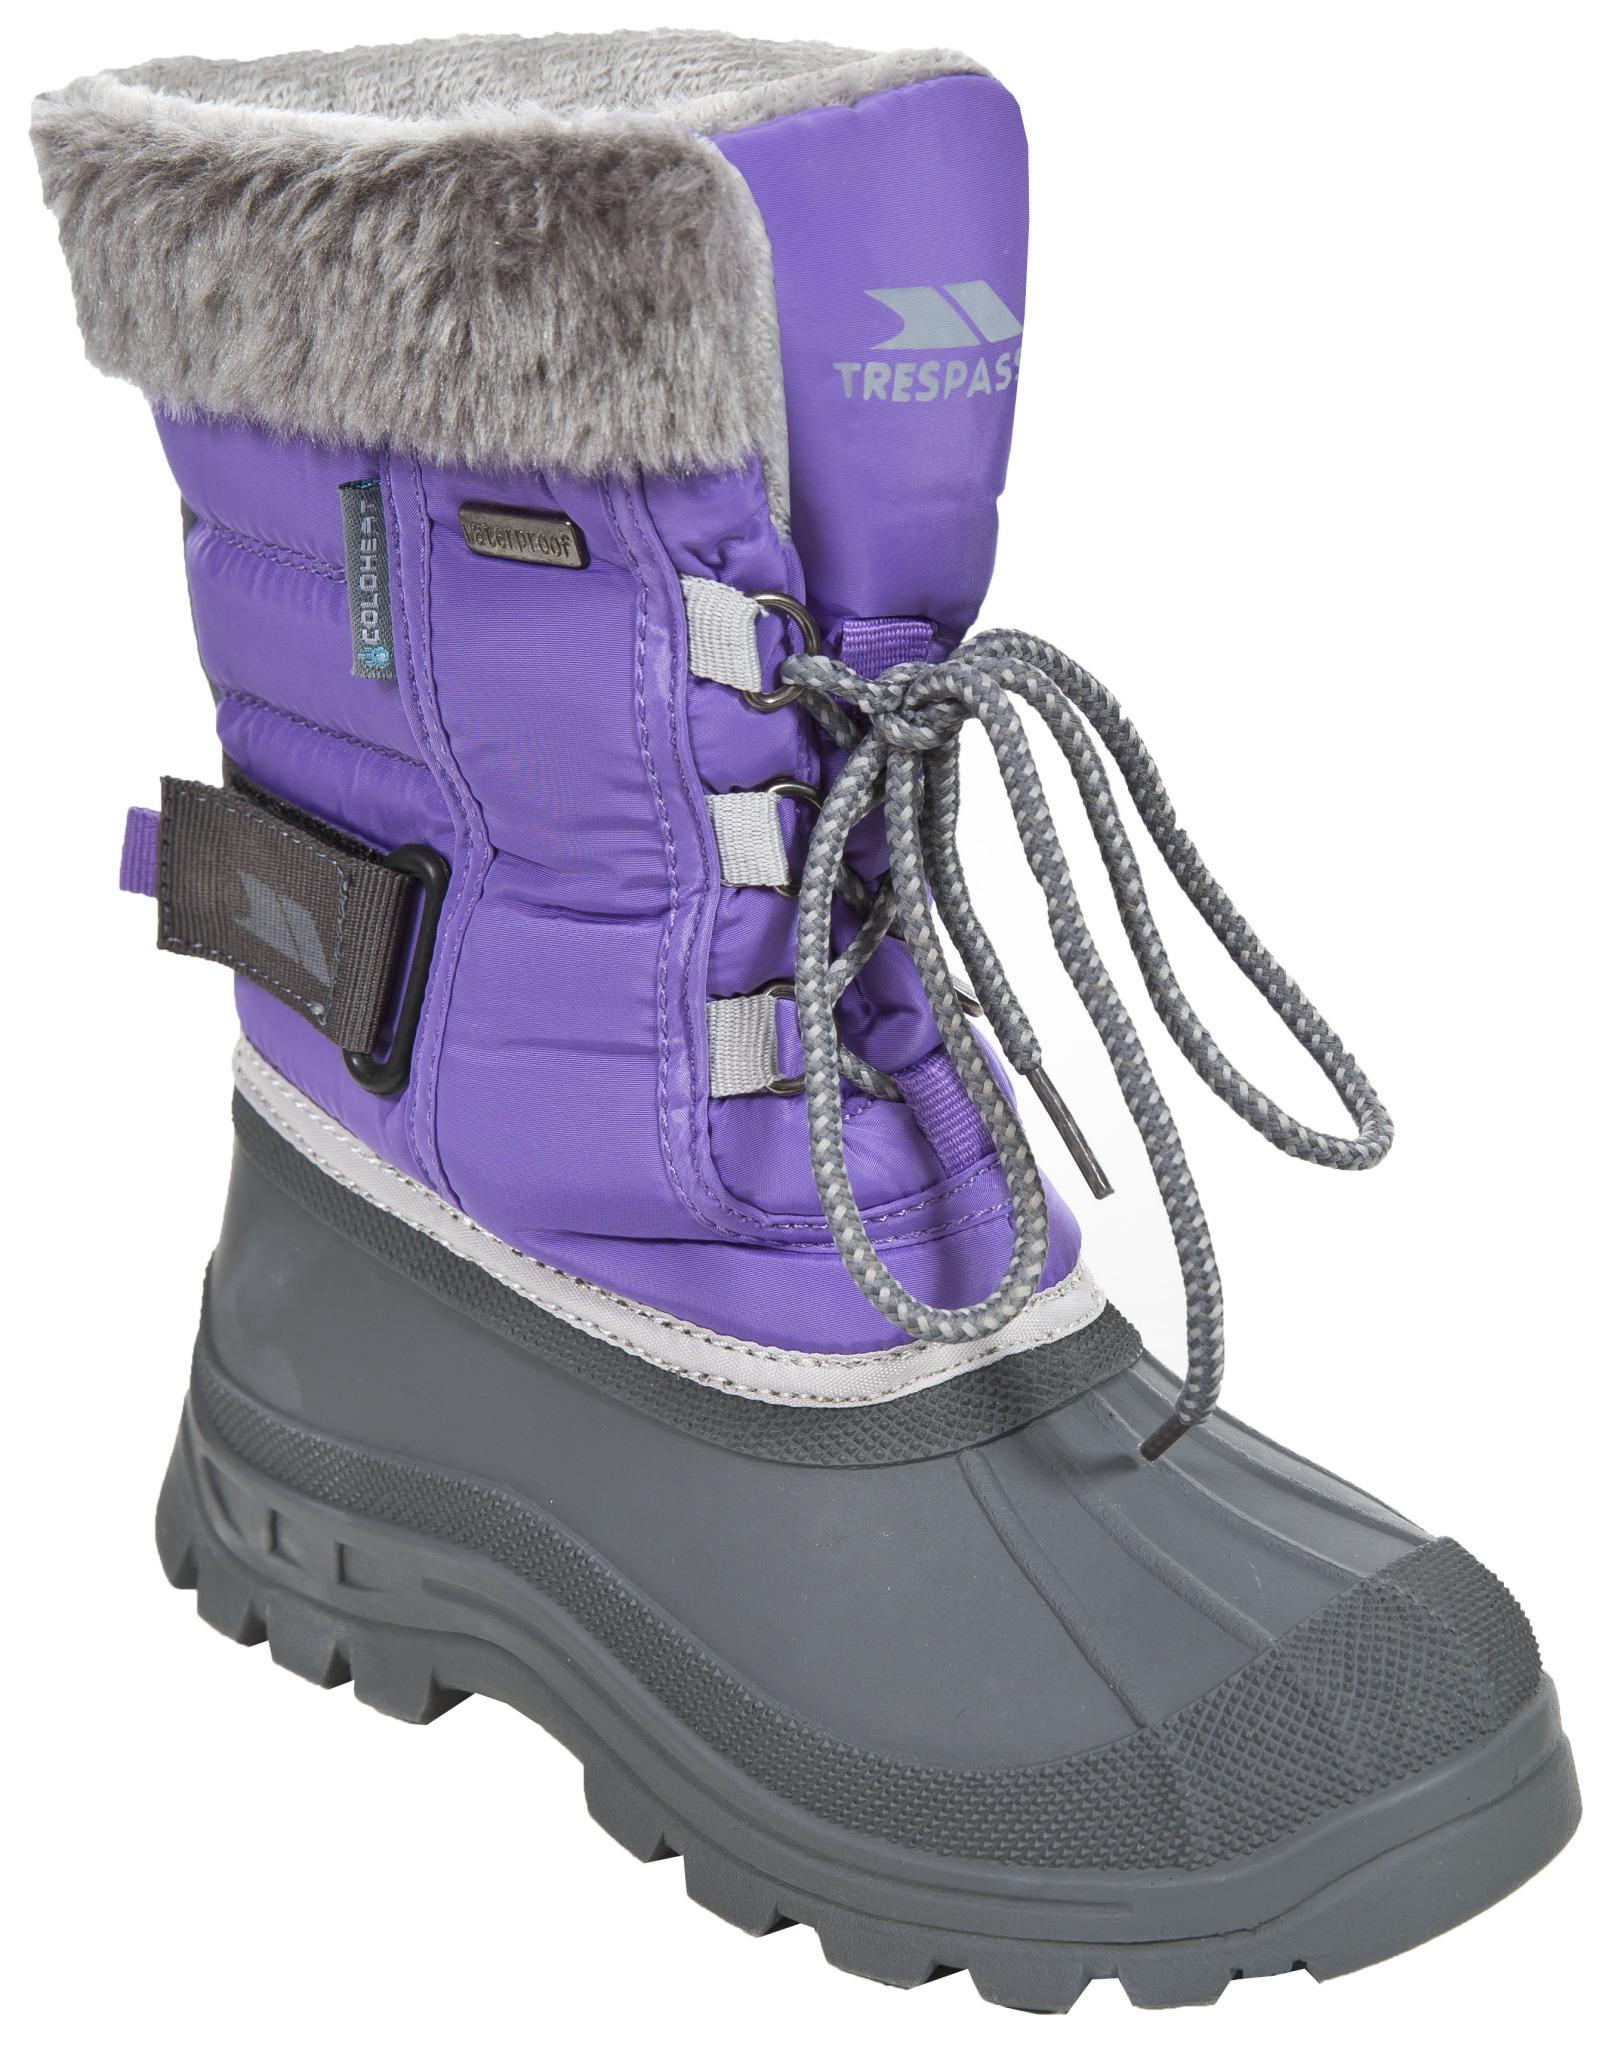 5a52995ee571 Trespass Dievčenské snehule s kožušinkou Stroma - fialové